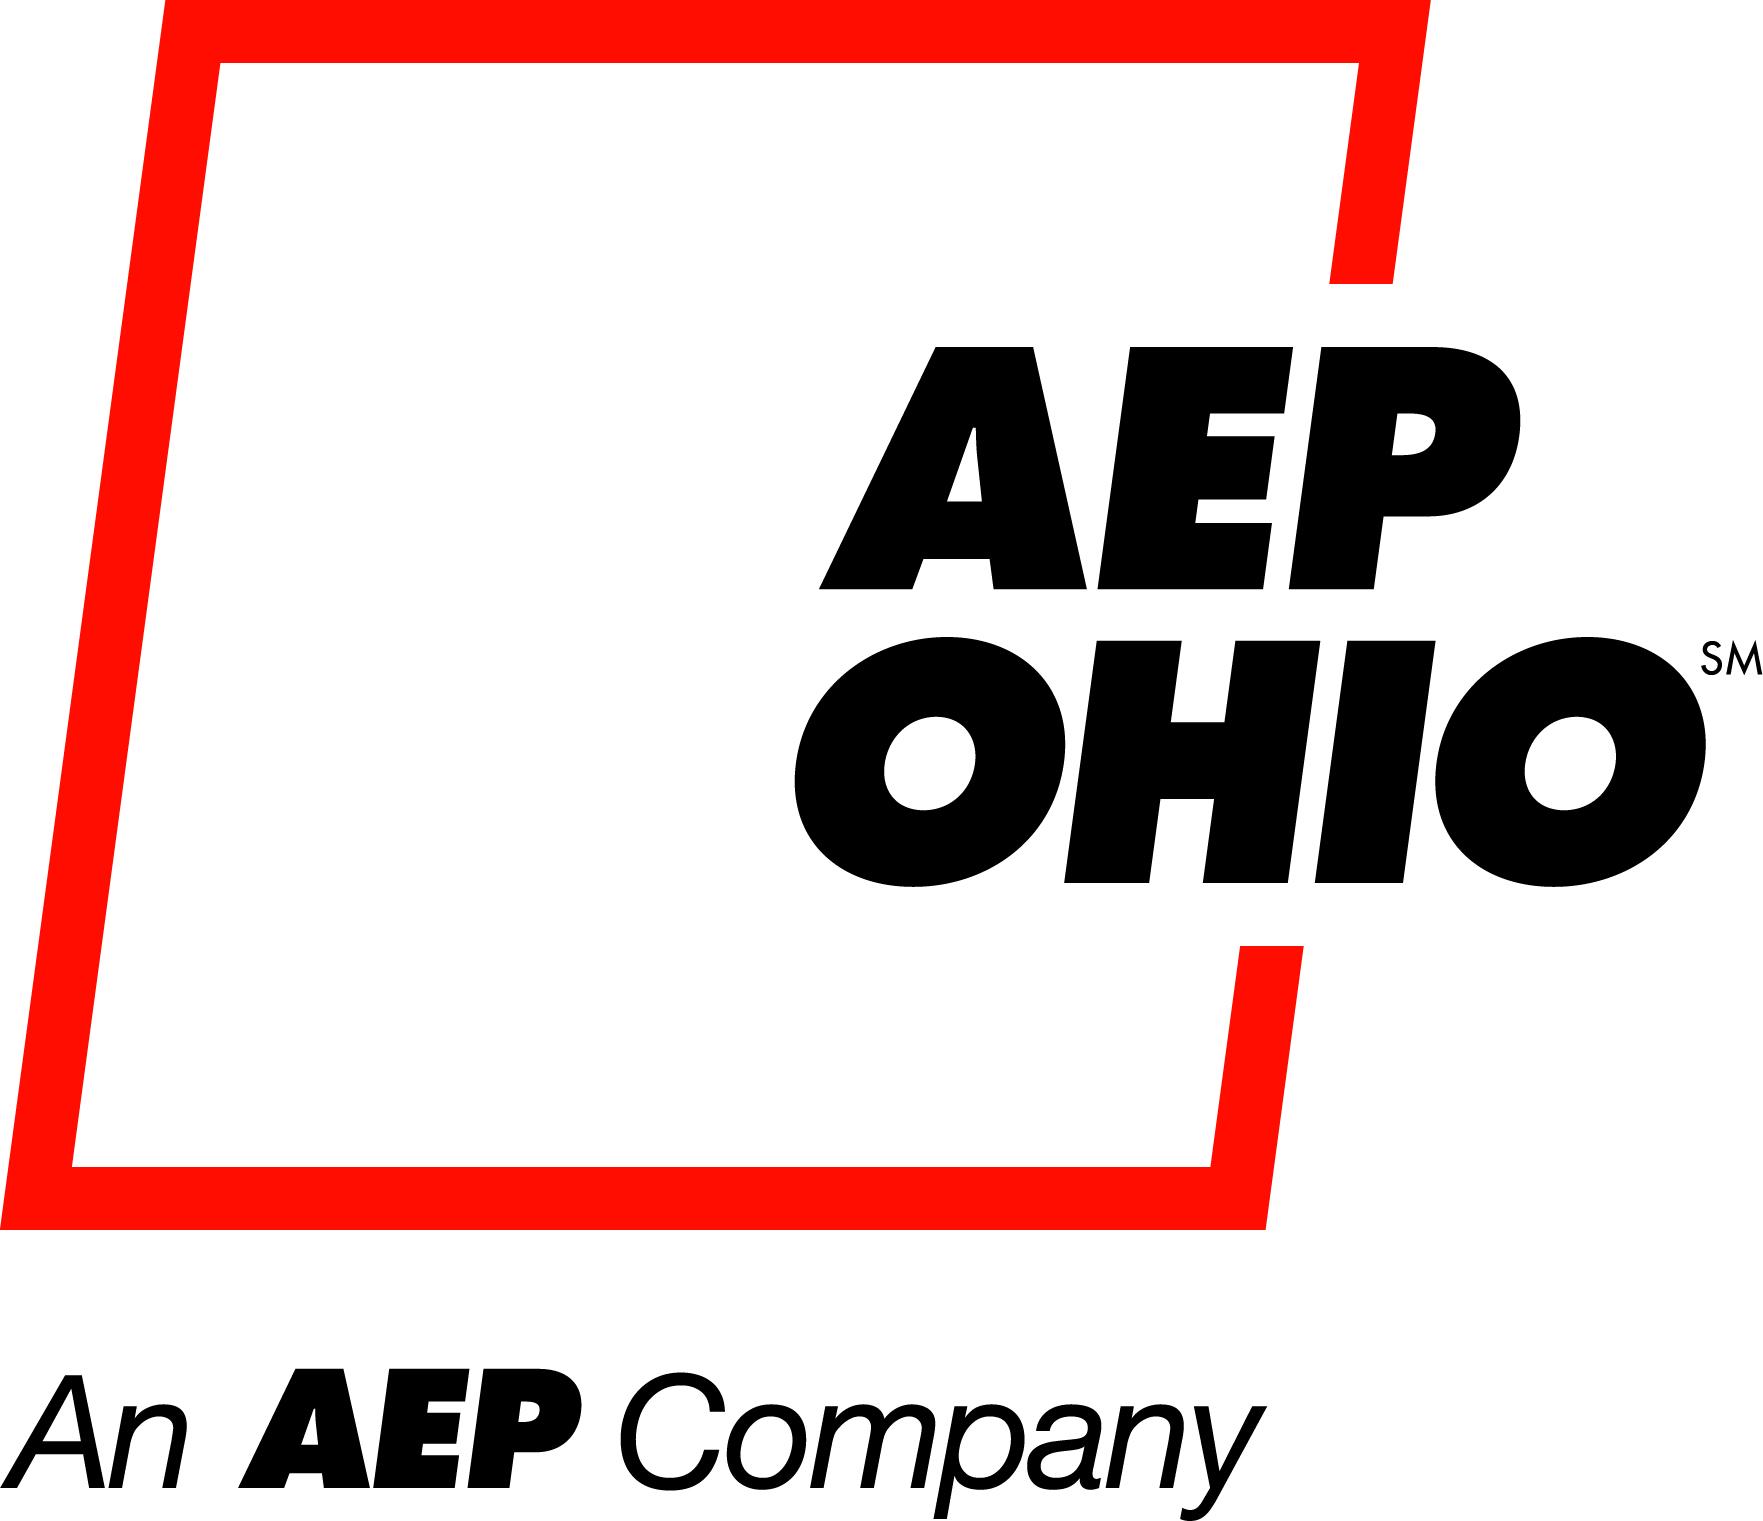 AEP Ohio.jpg